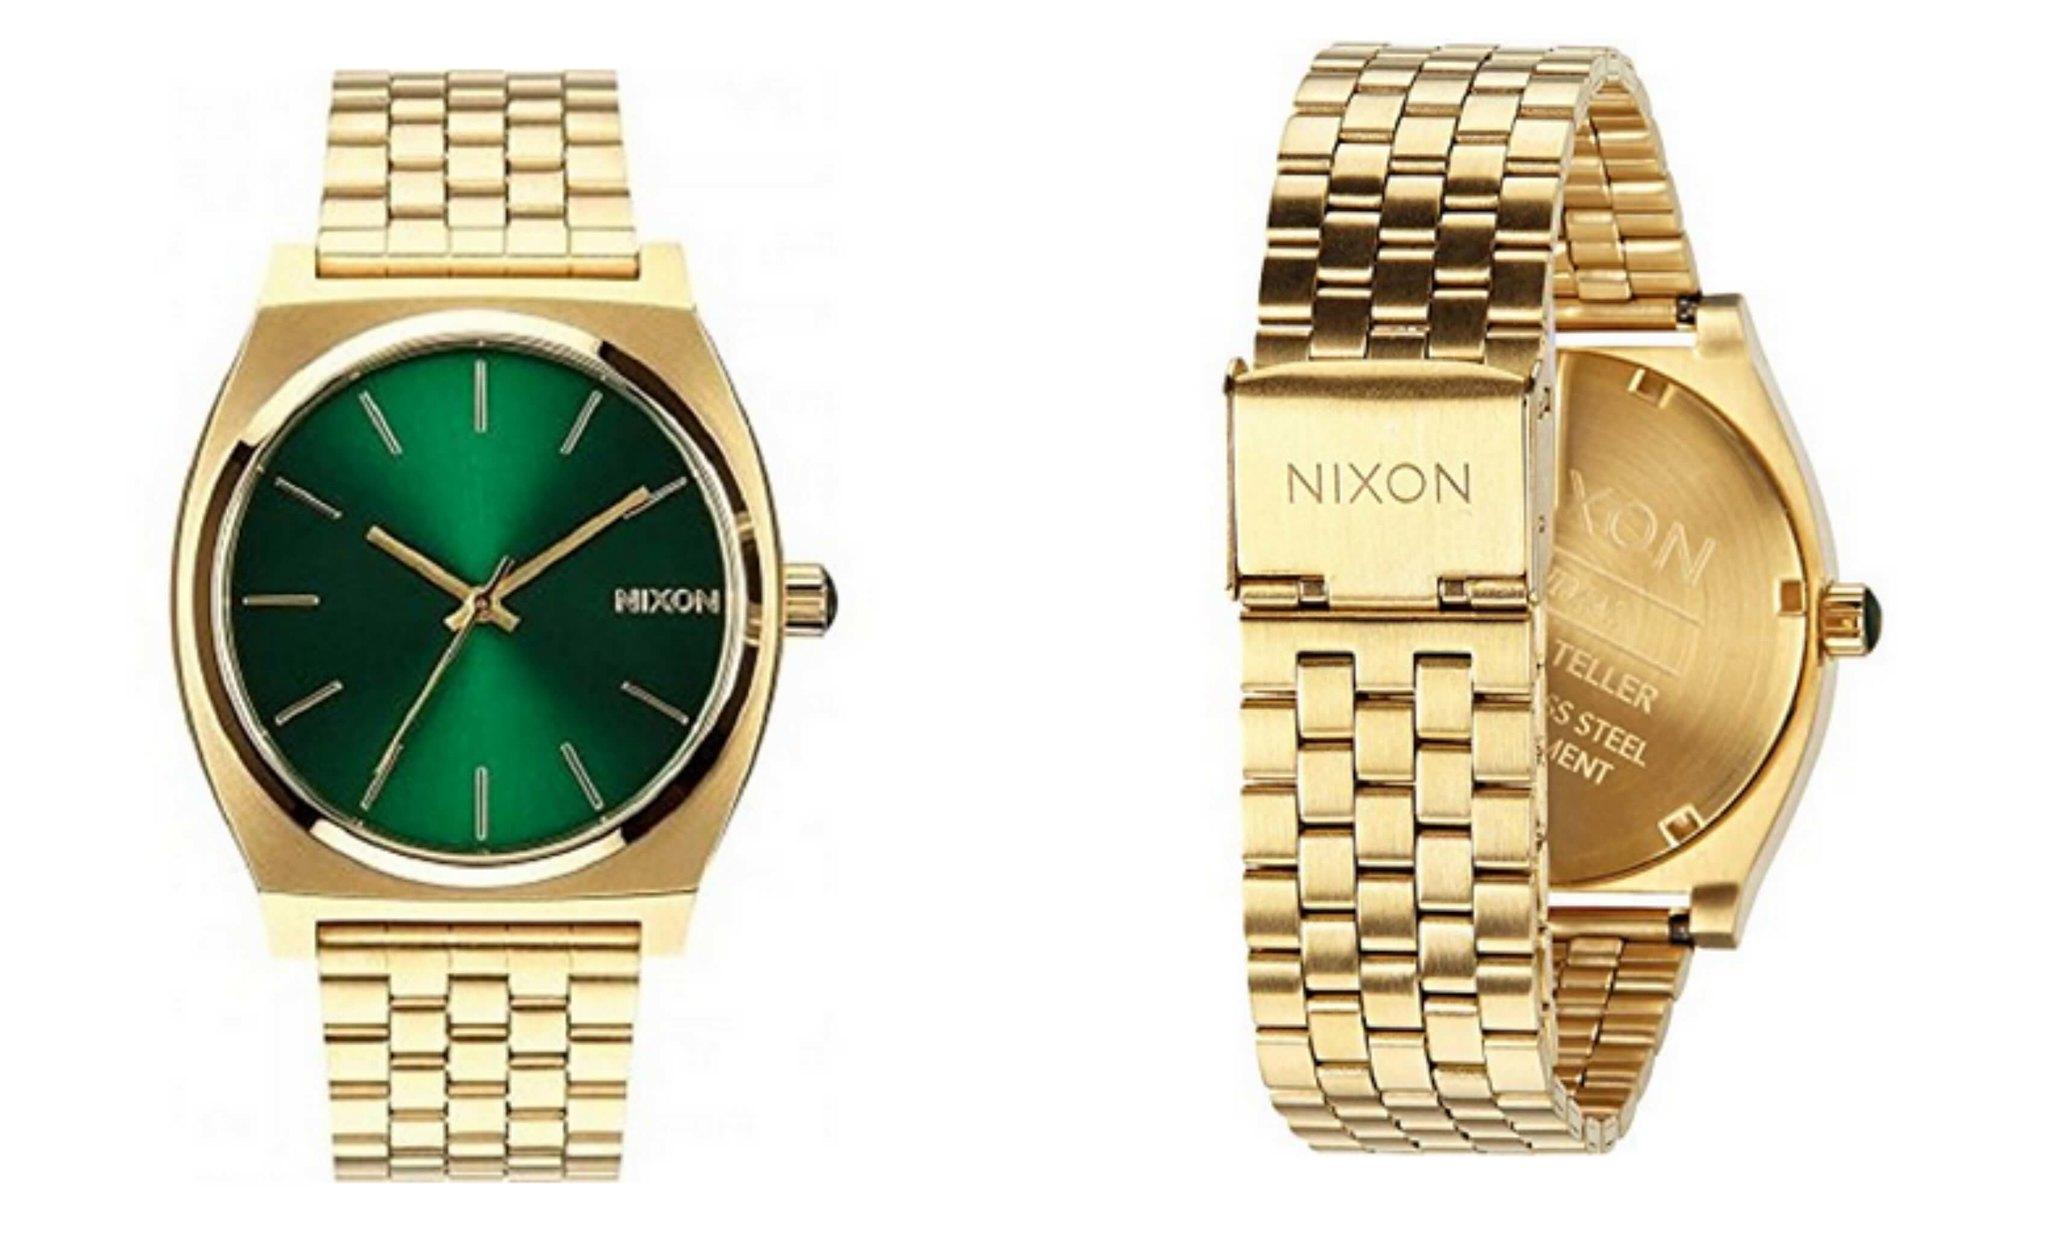 donde comprar estos relojes nixon baratos